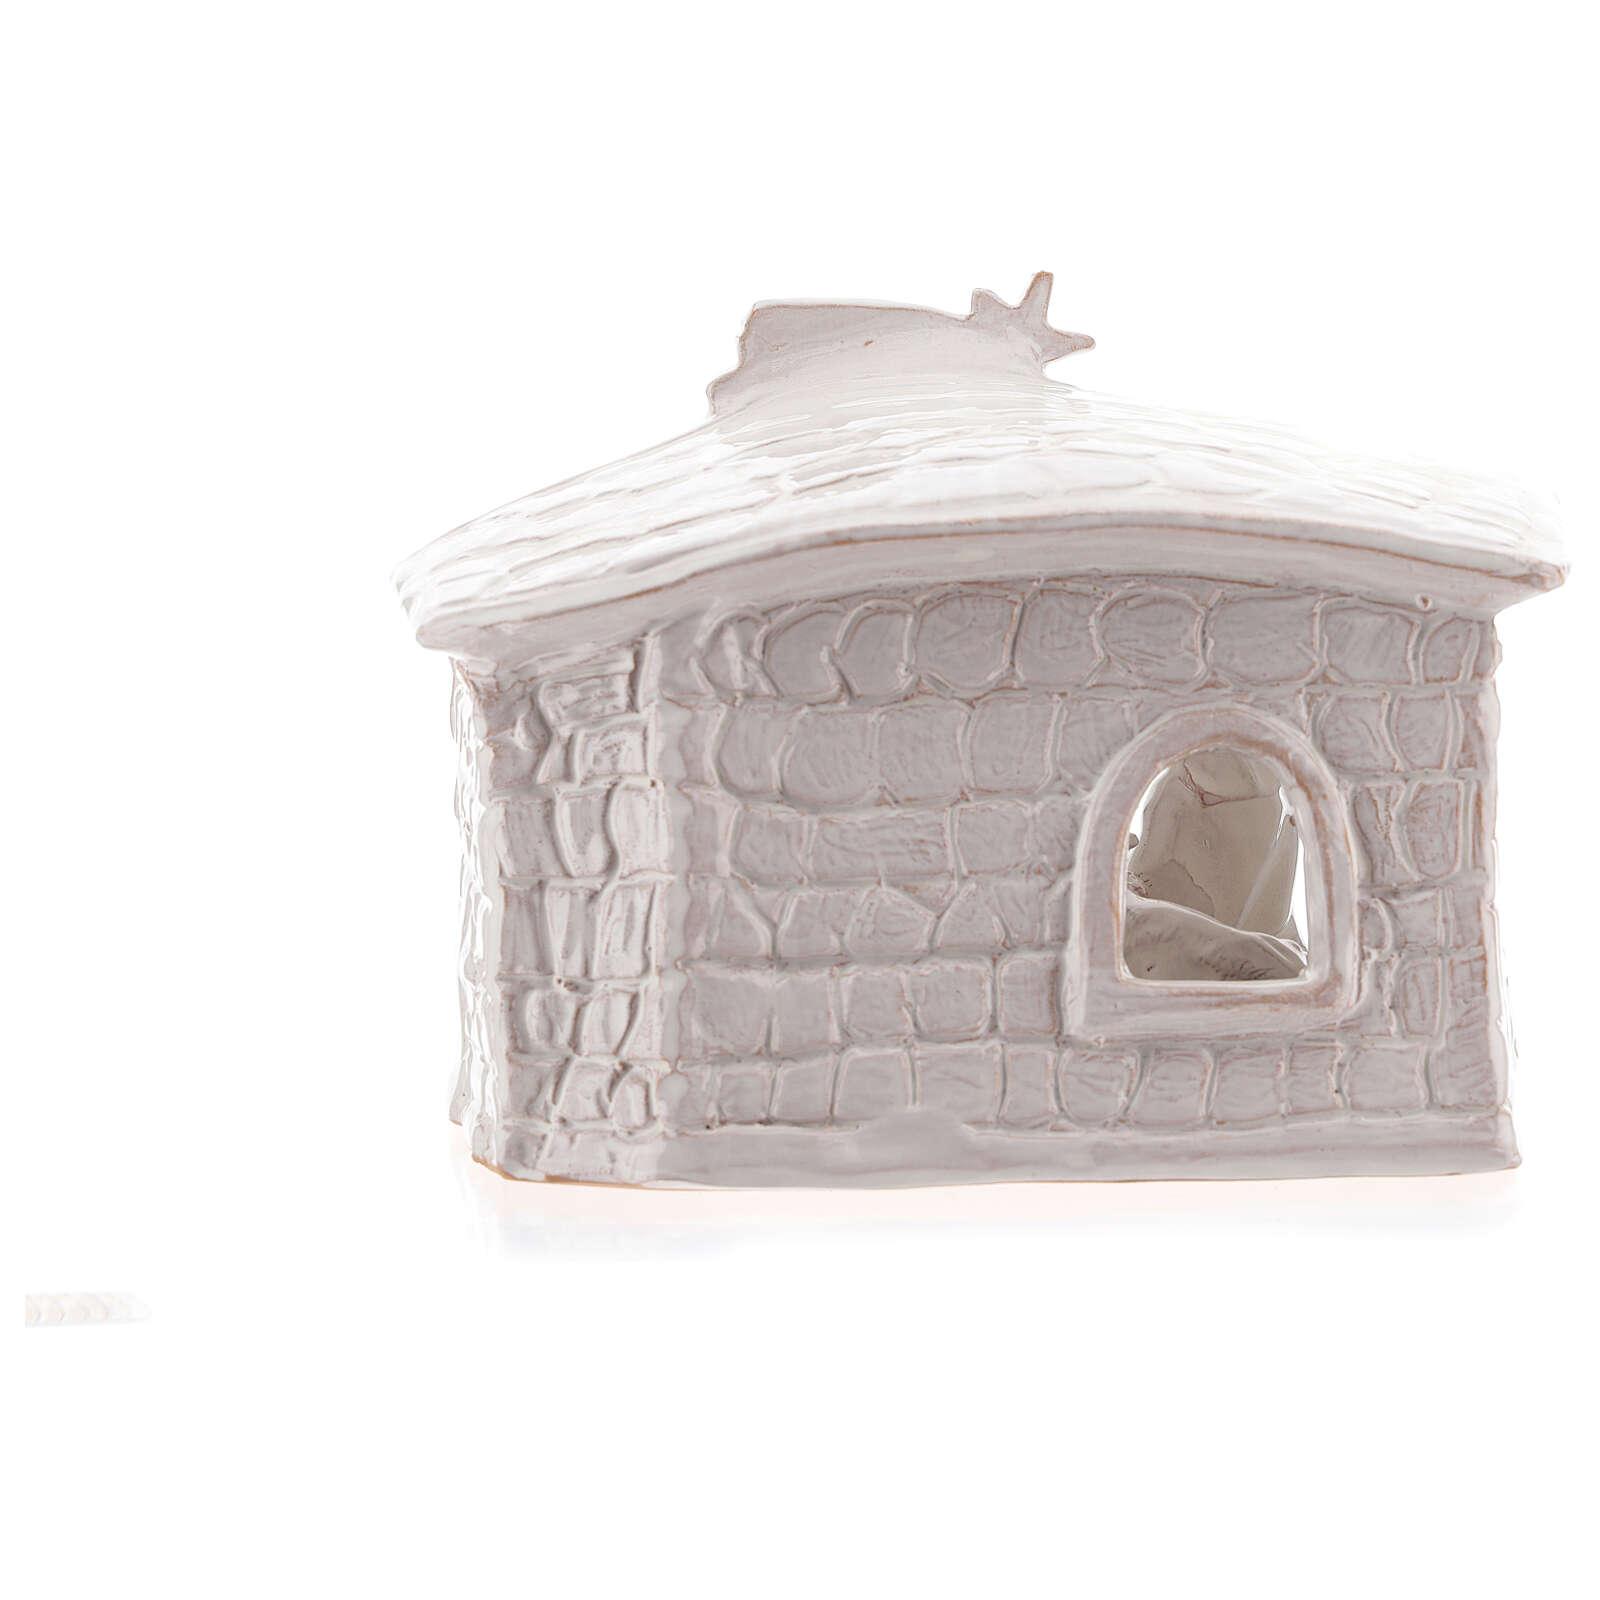 Cabaña Natividad pared de piedra terracota Deruta blanca 20 cm 4